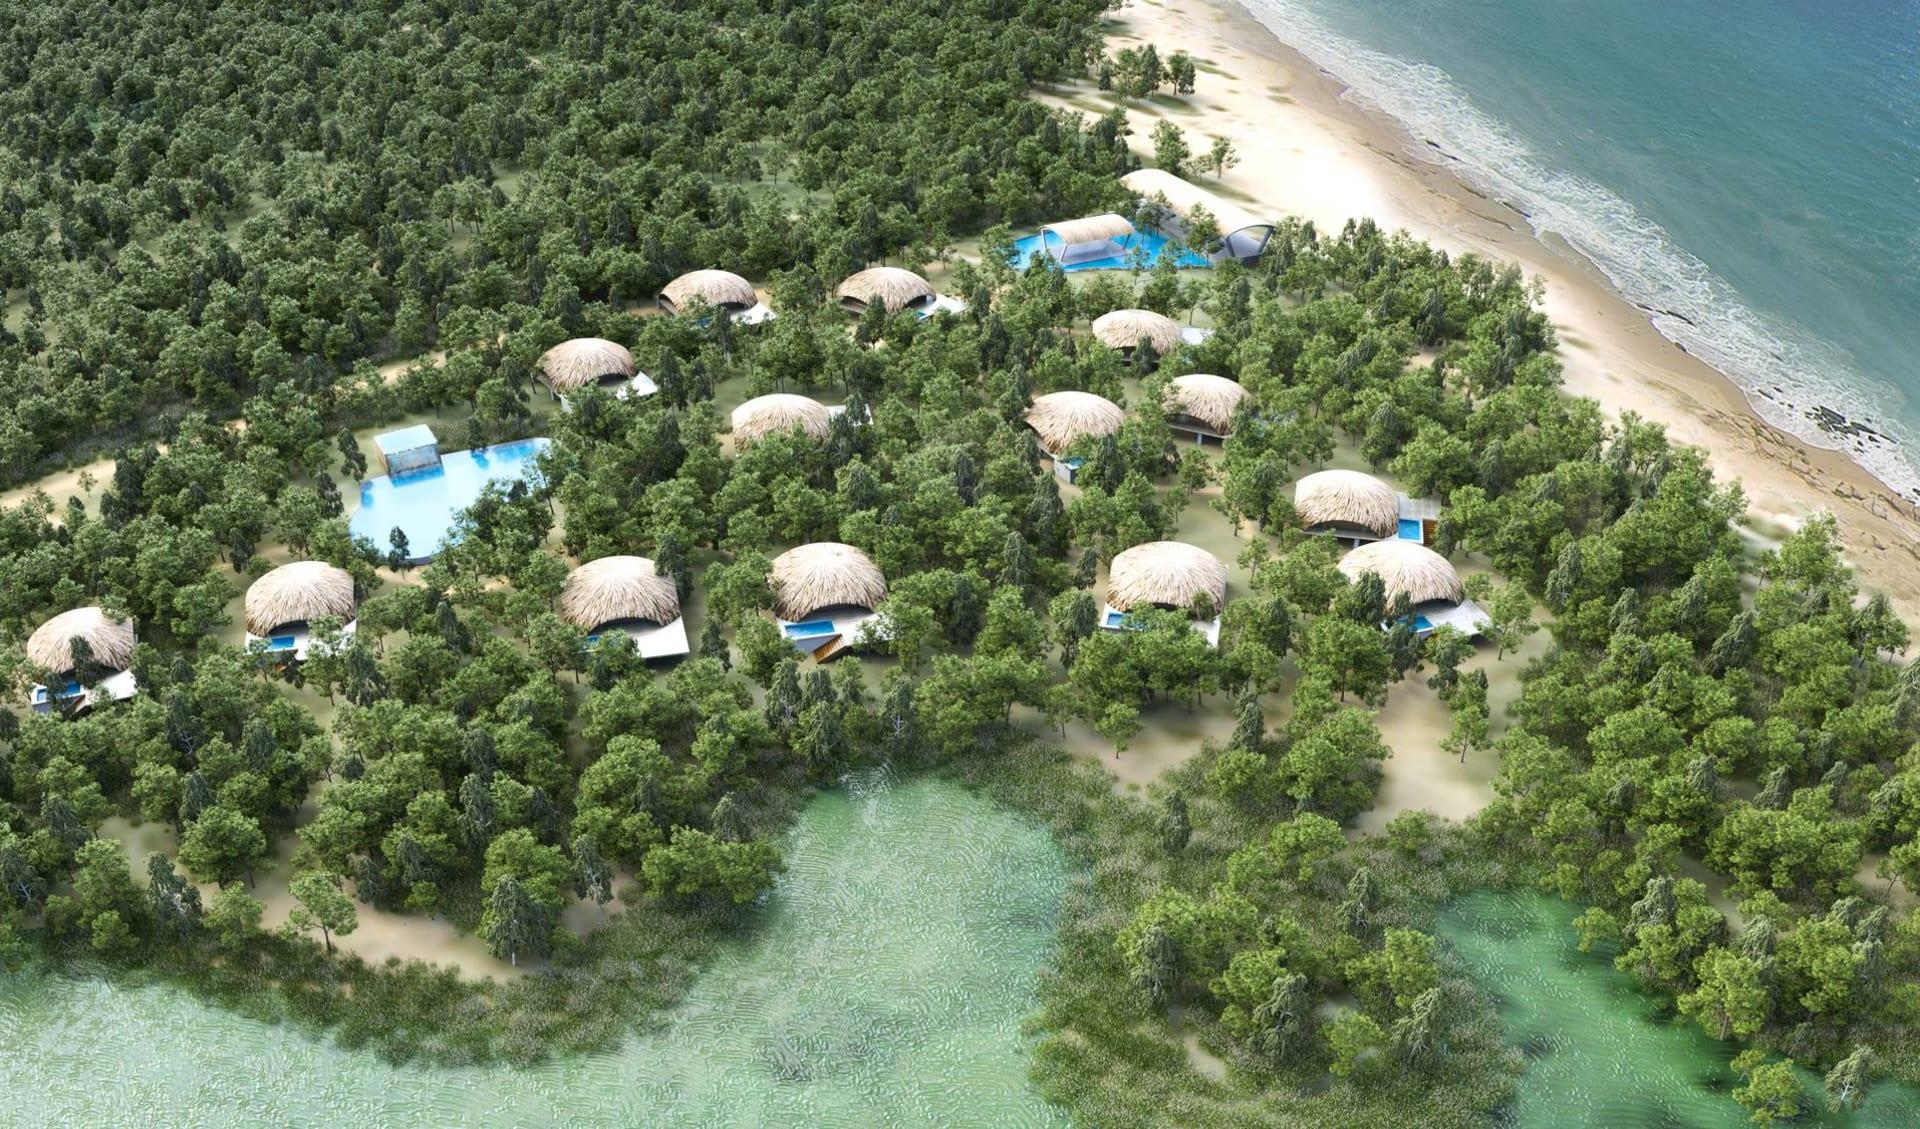 Yala Nationalpark Safari - Chena Huts - 2 Tage ab Colombo: location: Chena Huts